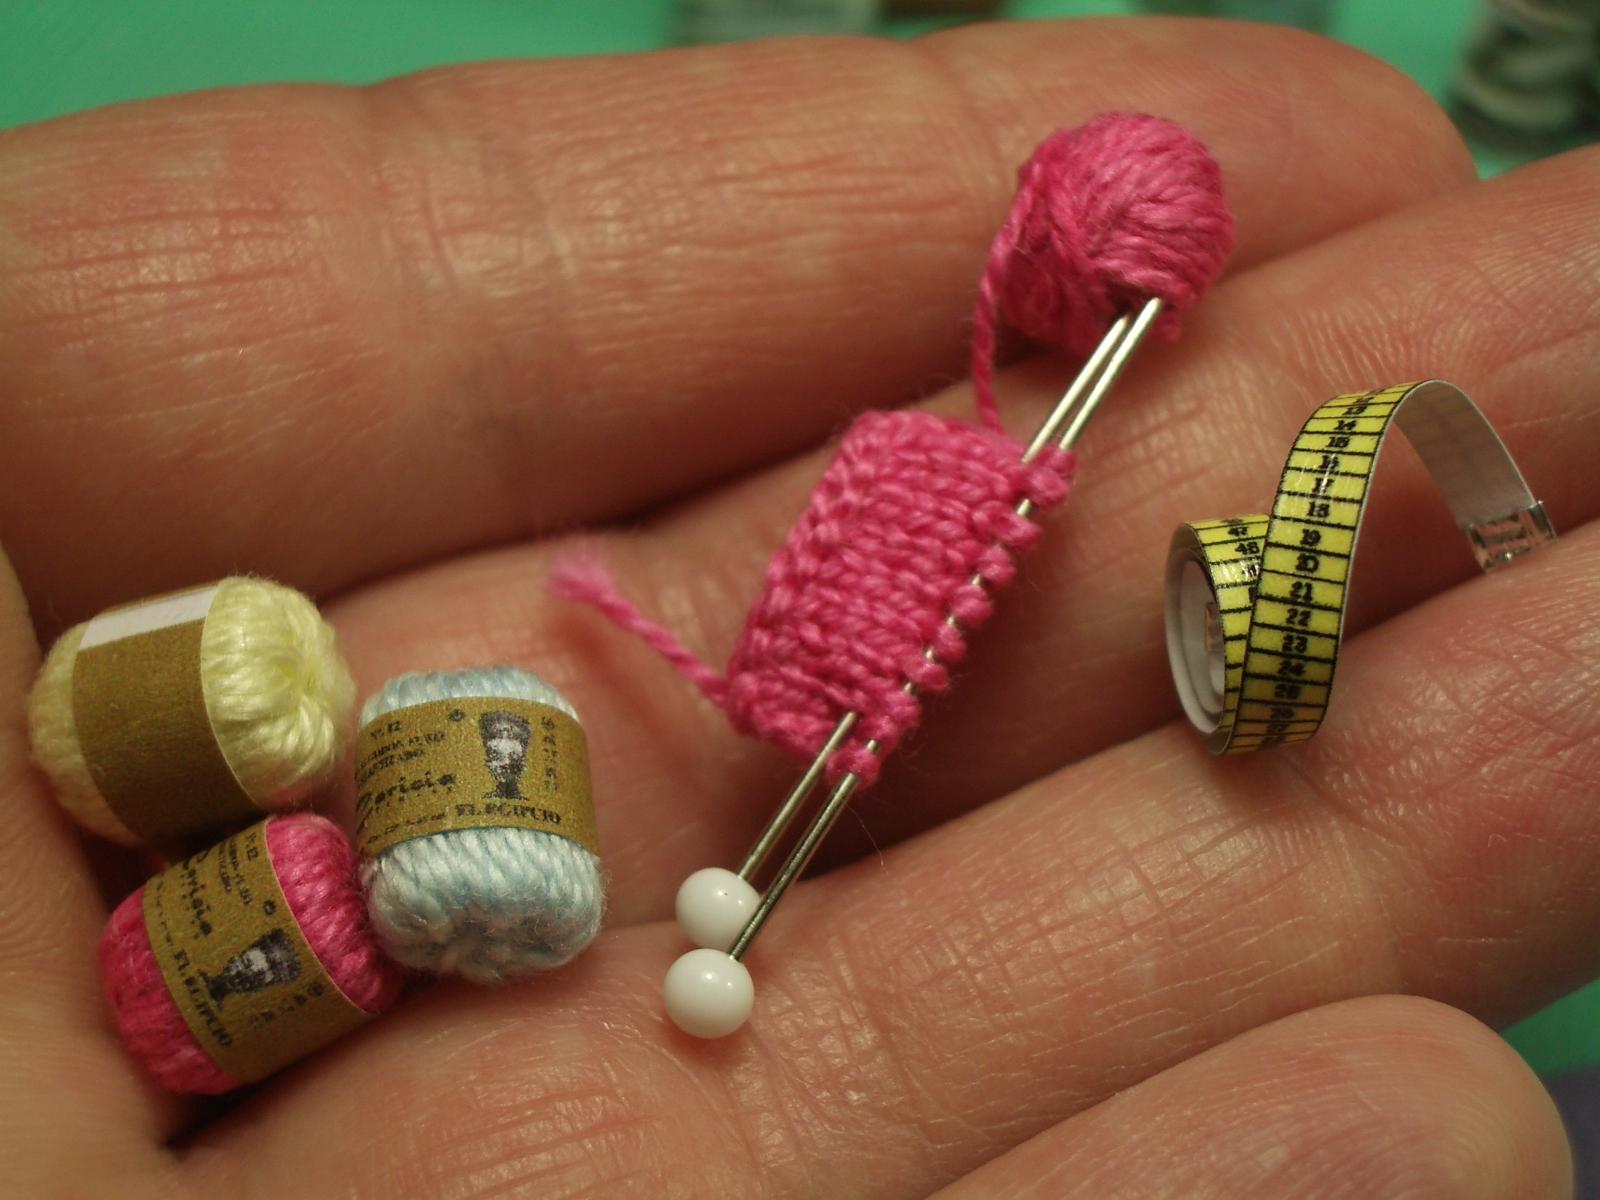 Como hacer miniaturas tutoriales y tecnicas enrhedando - Hacer manualidades desde casa ...